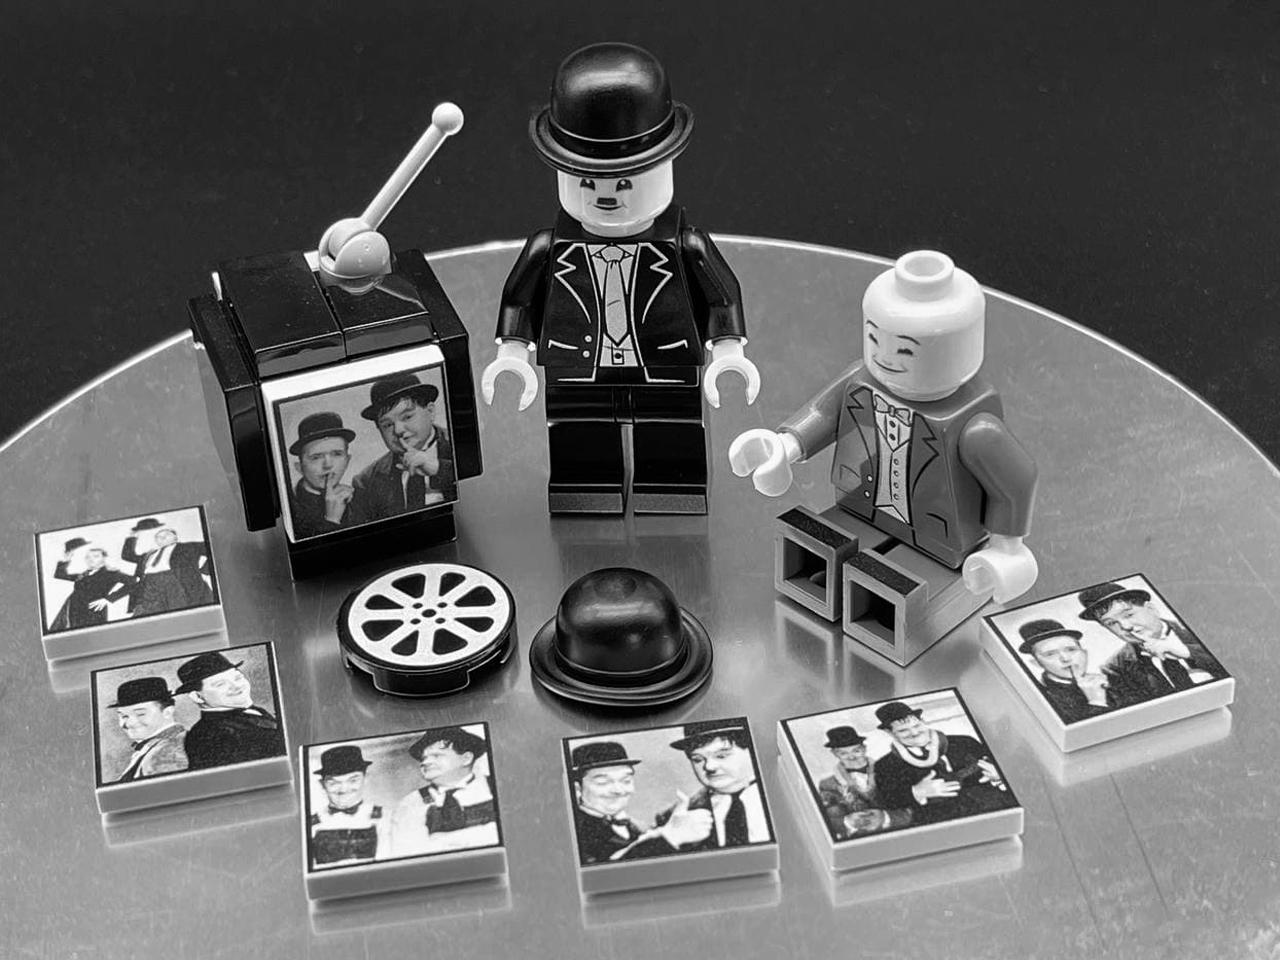 Stanlio e Ollio | Minifigure Lego | Fuori di Brick